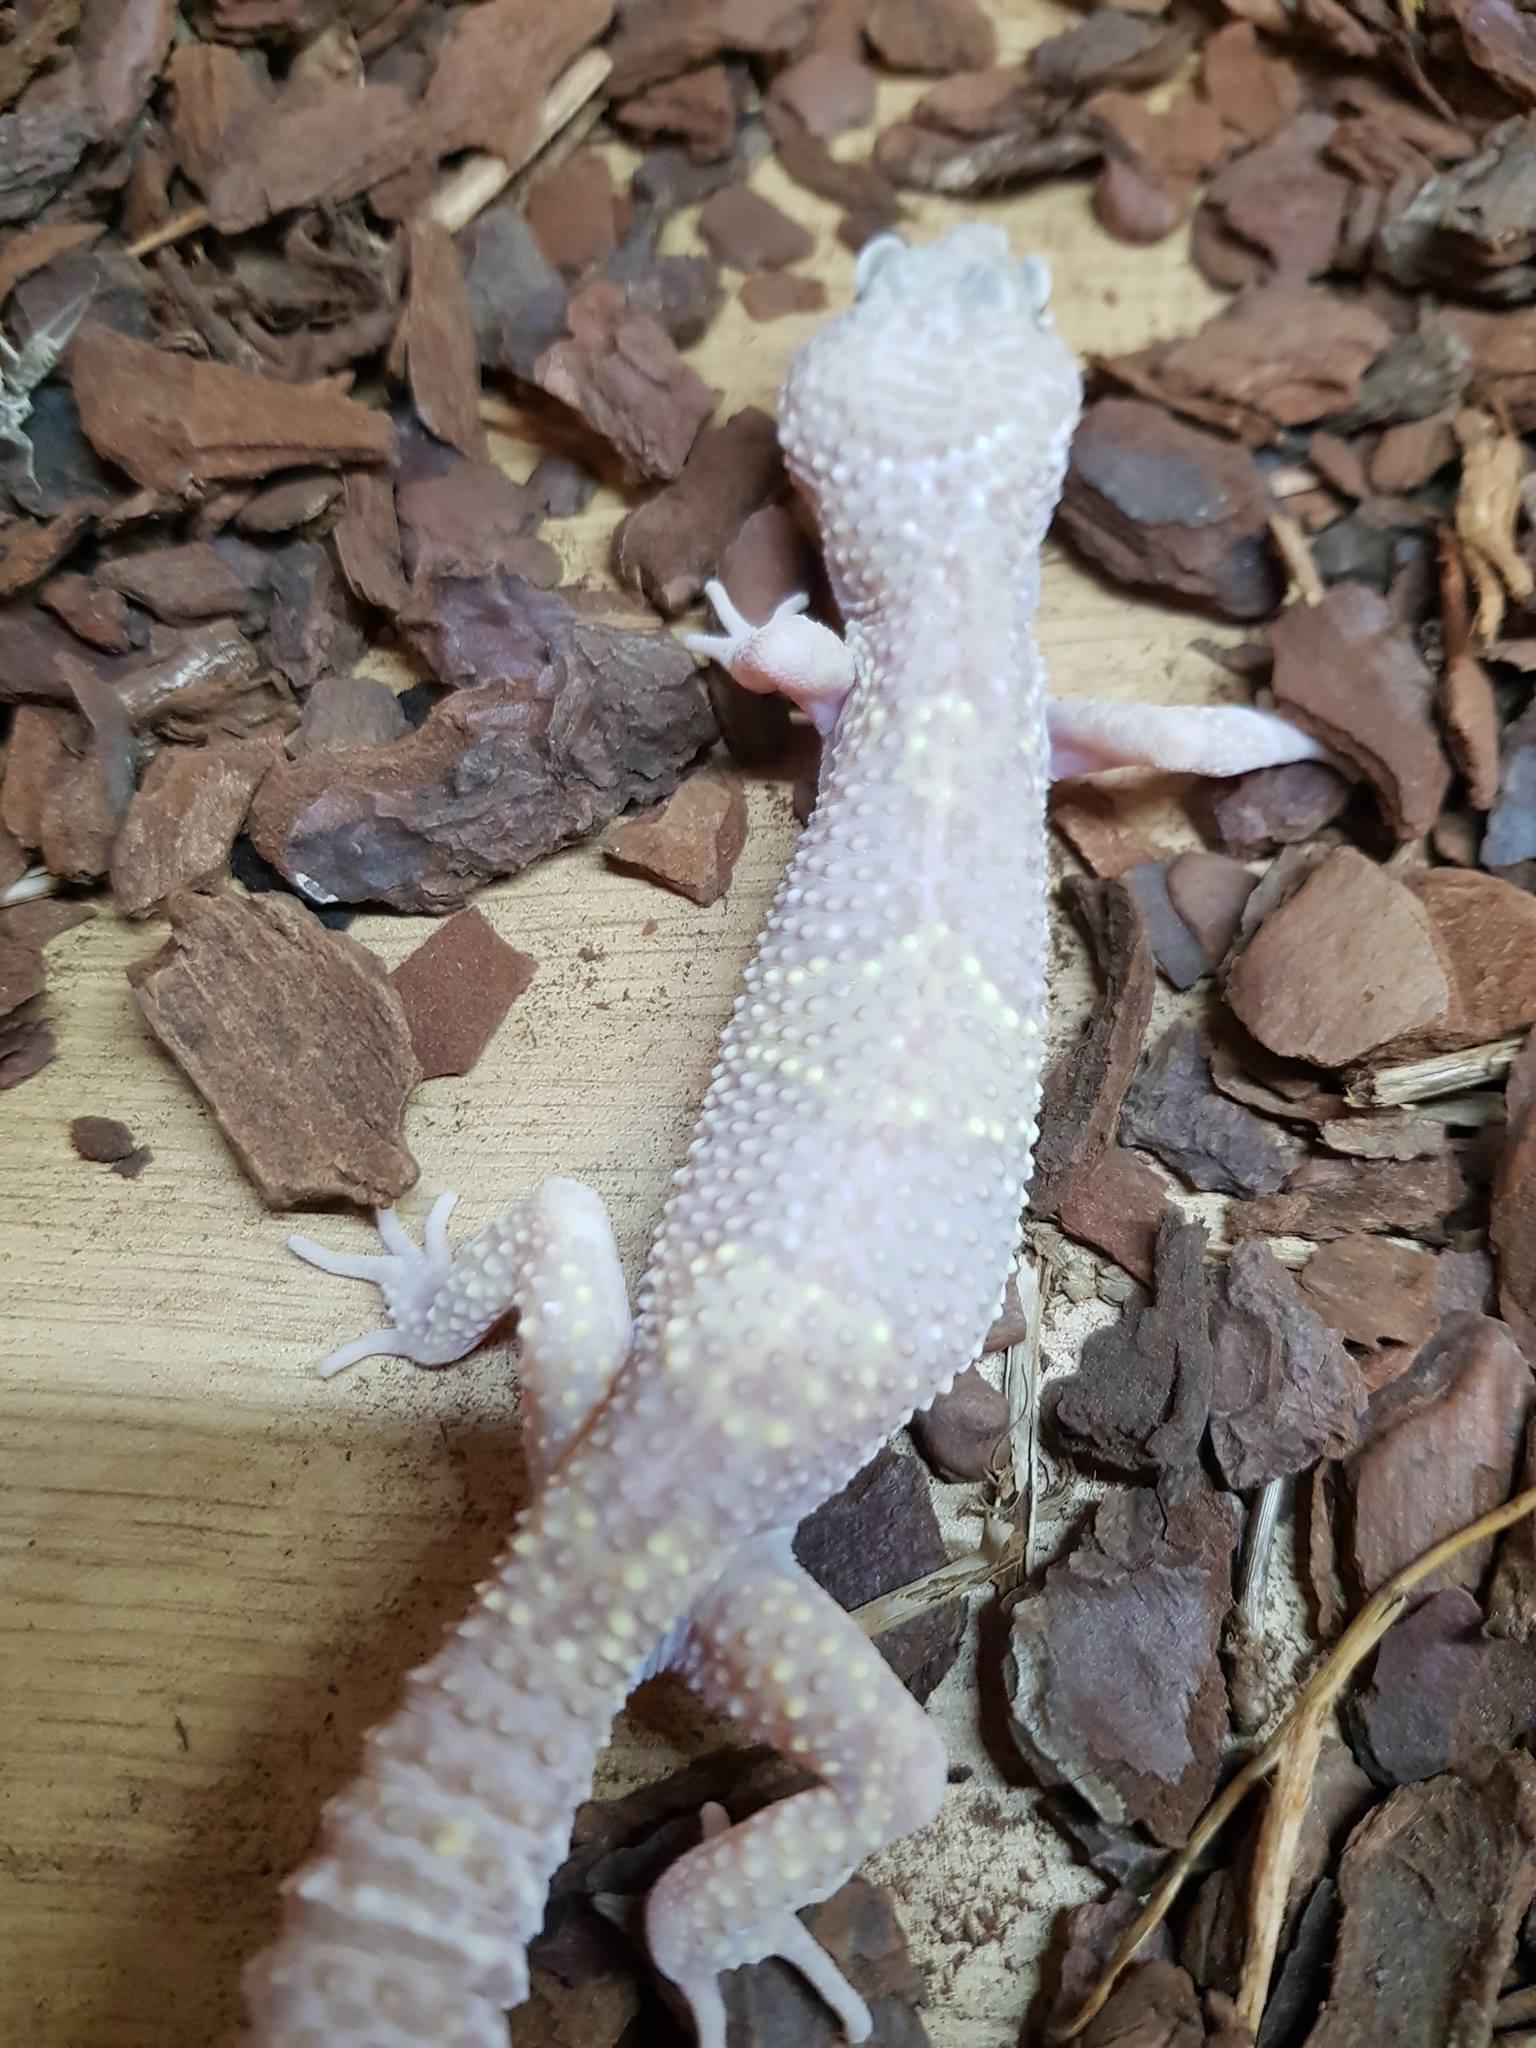 Choosing Leopard Gecko morphs-received_628940840774731_1525534635117.jpeg